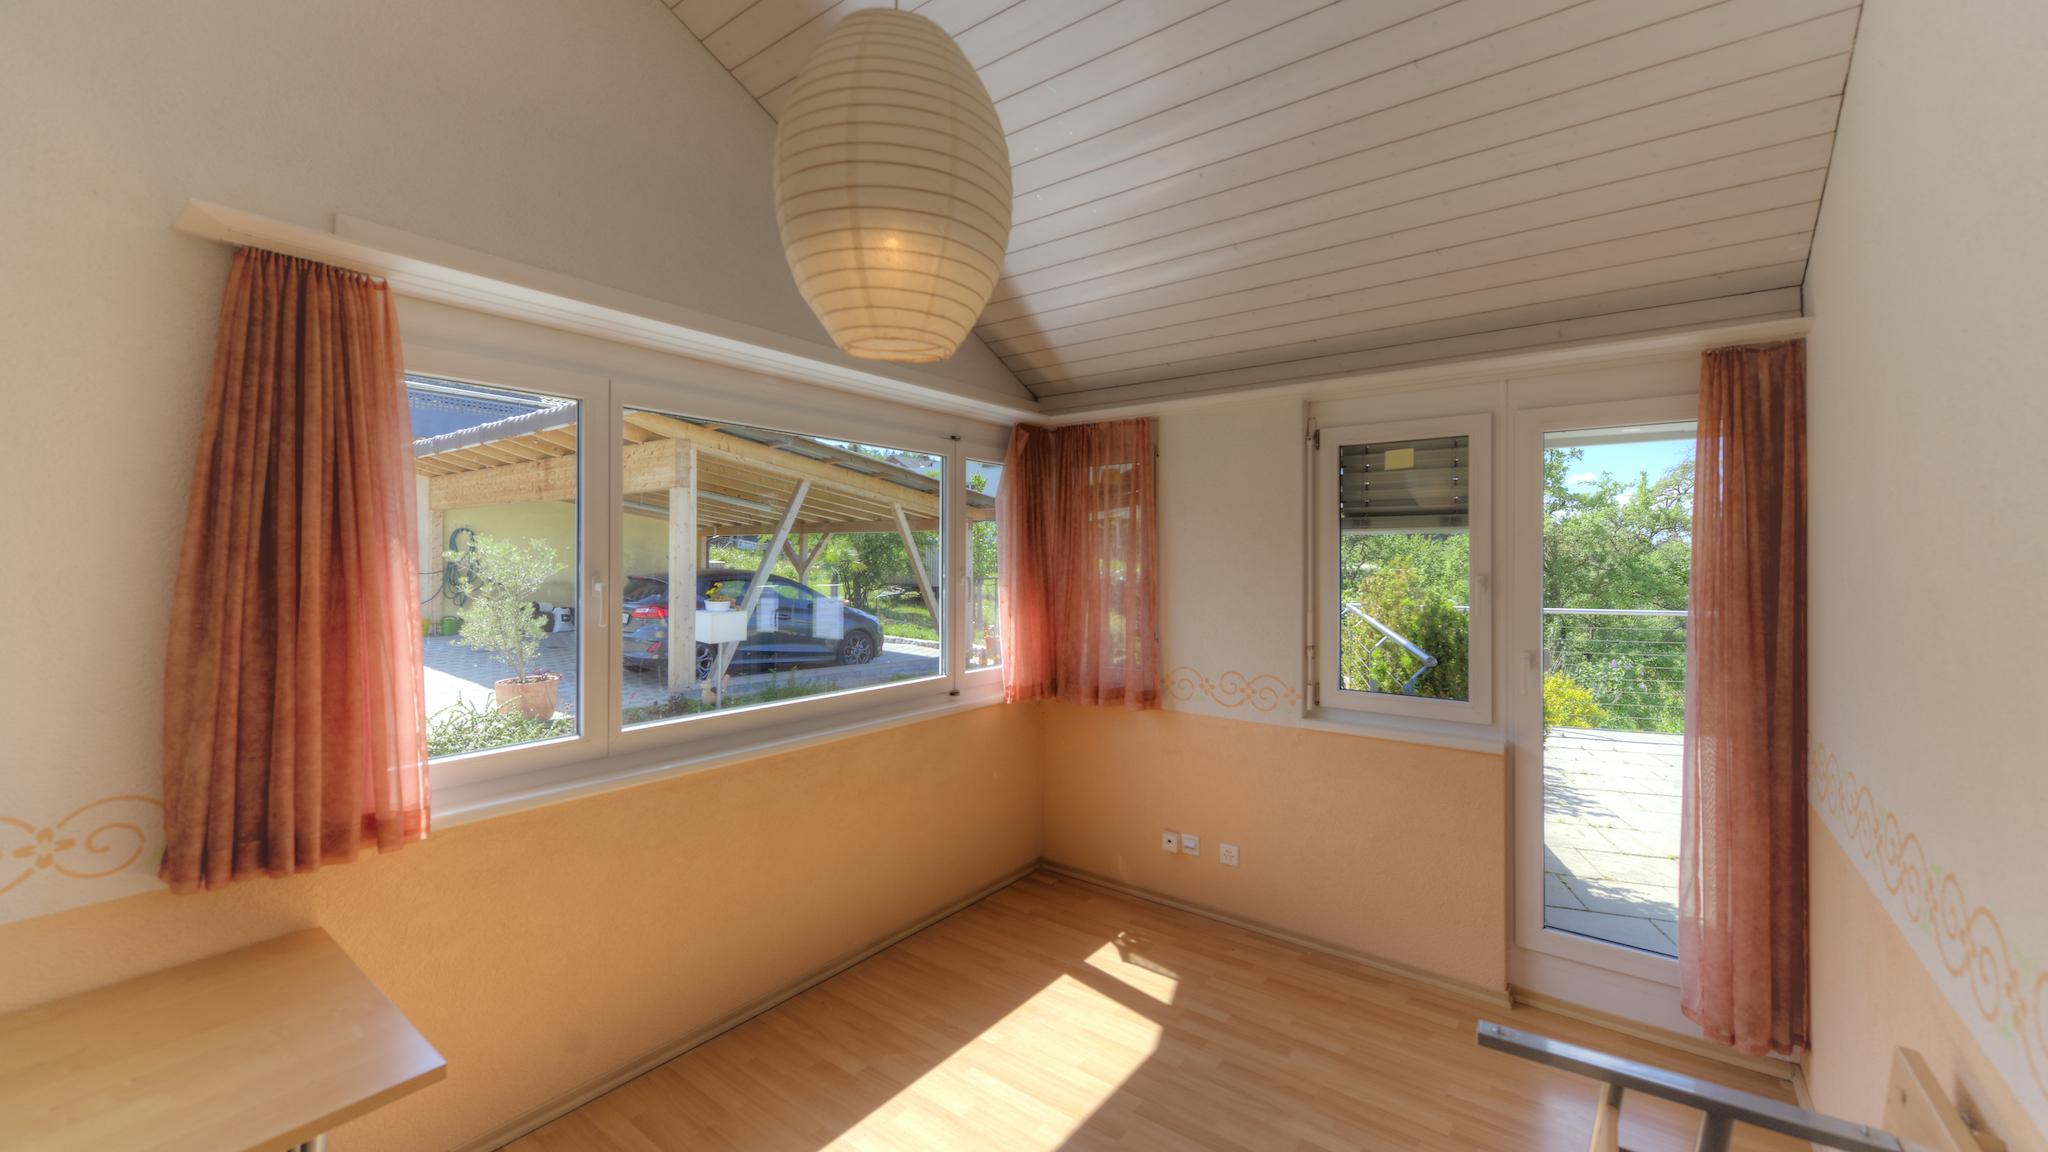 Linkes Dachzimmer mit dem Ausgang auf die Terrasse